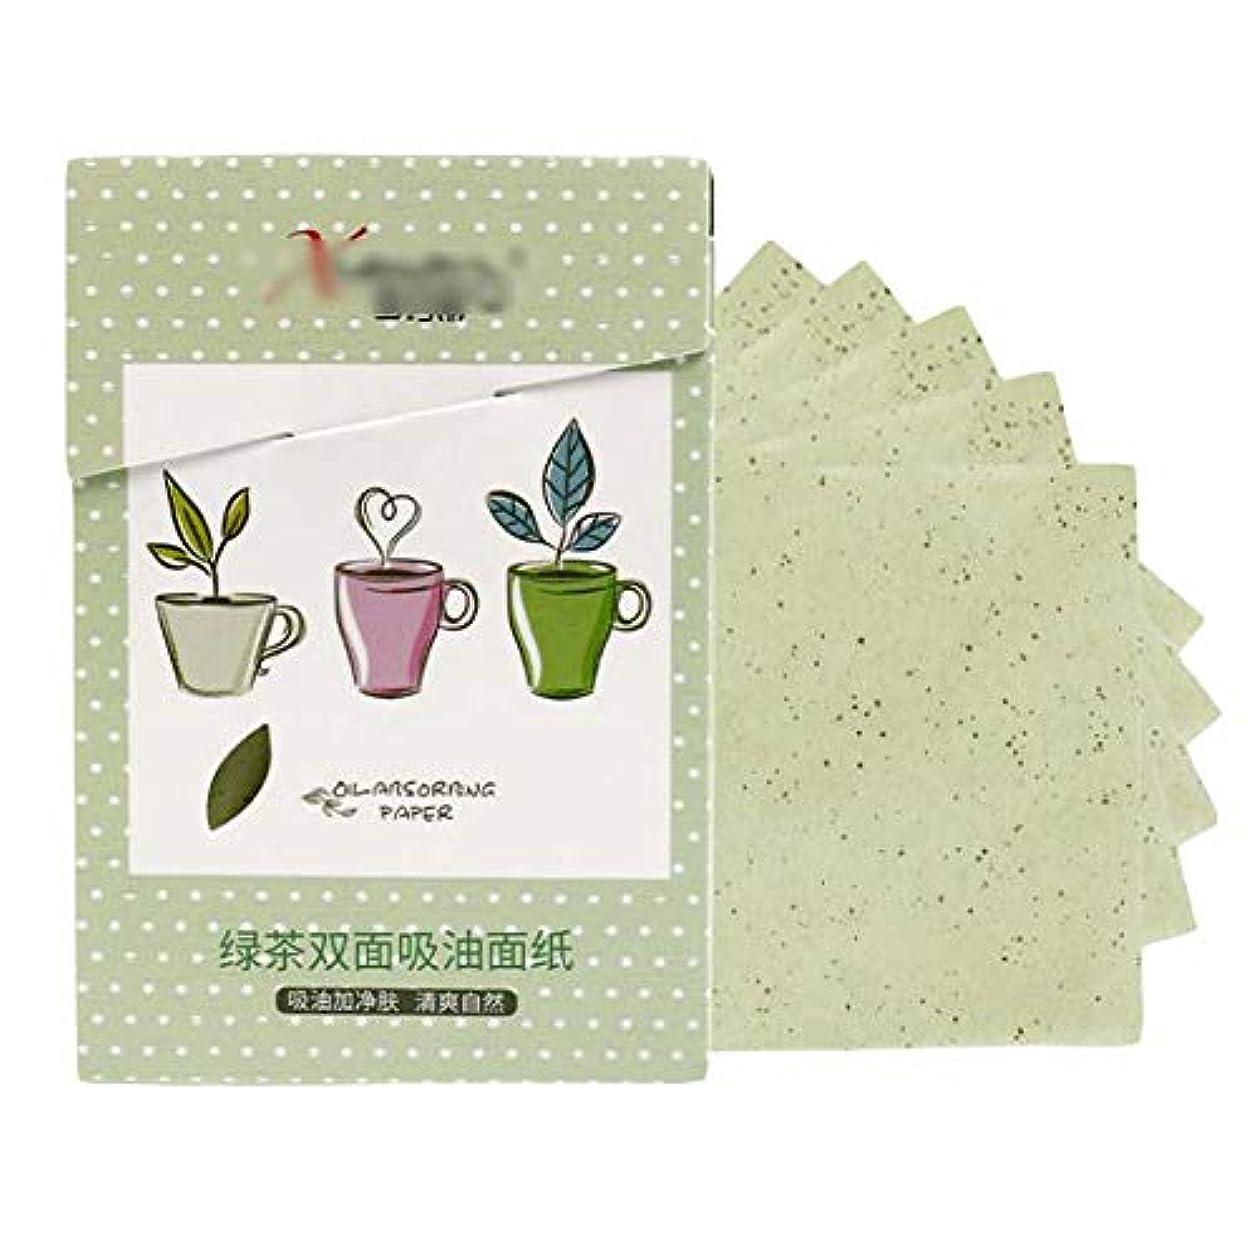 戸口ルネッサンス吸収緑茶オイルブロッティングティッシュフェイスオイル吸収紙、200枚